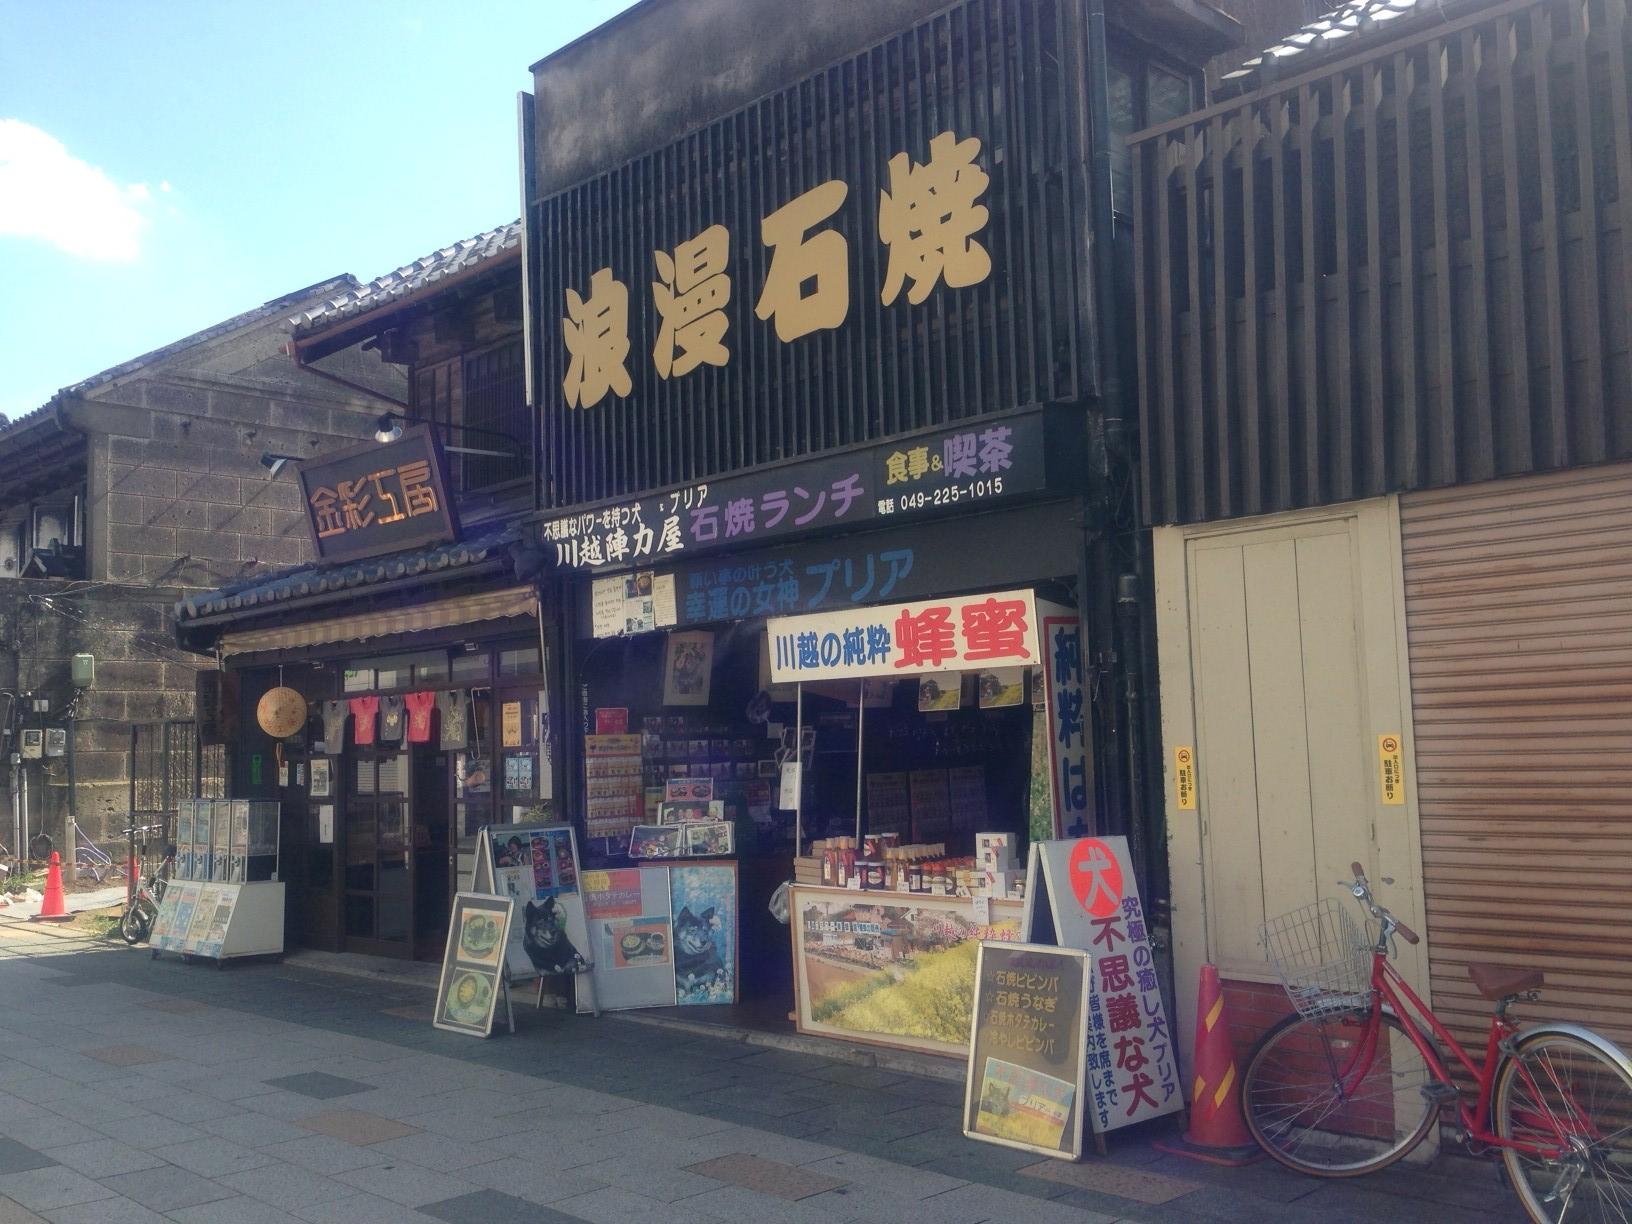 川越 陣力屋(川越)人力車運営、カフェ、喫茶